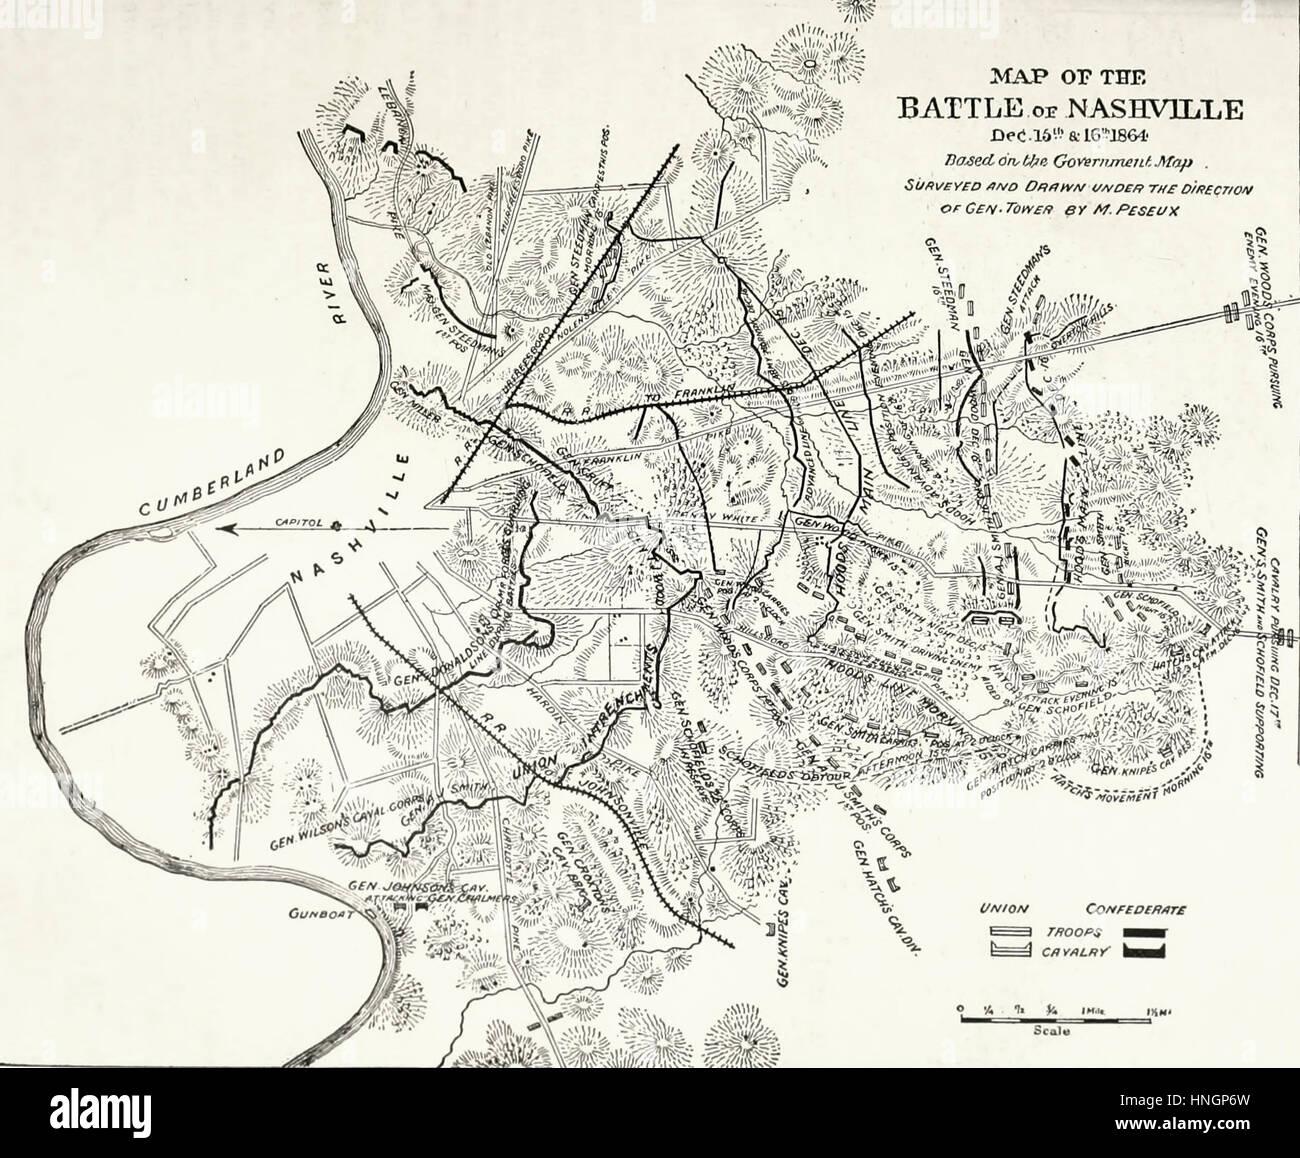 Carte de la bataille de Nashville, le 15 et 16 décembre 1864. Guerre civile USA Photo Stock